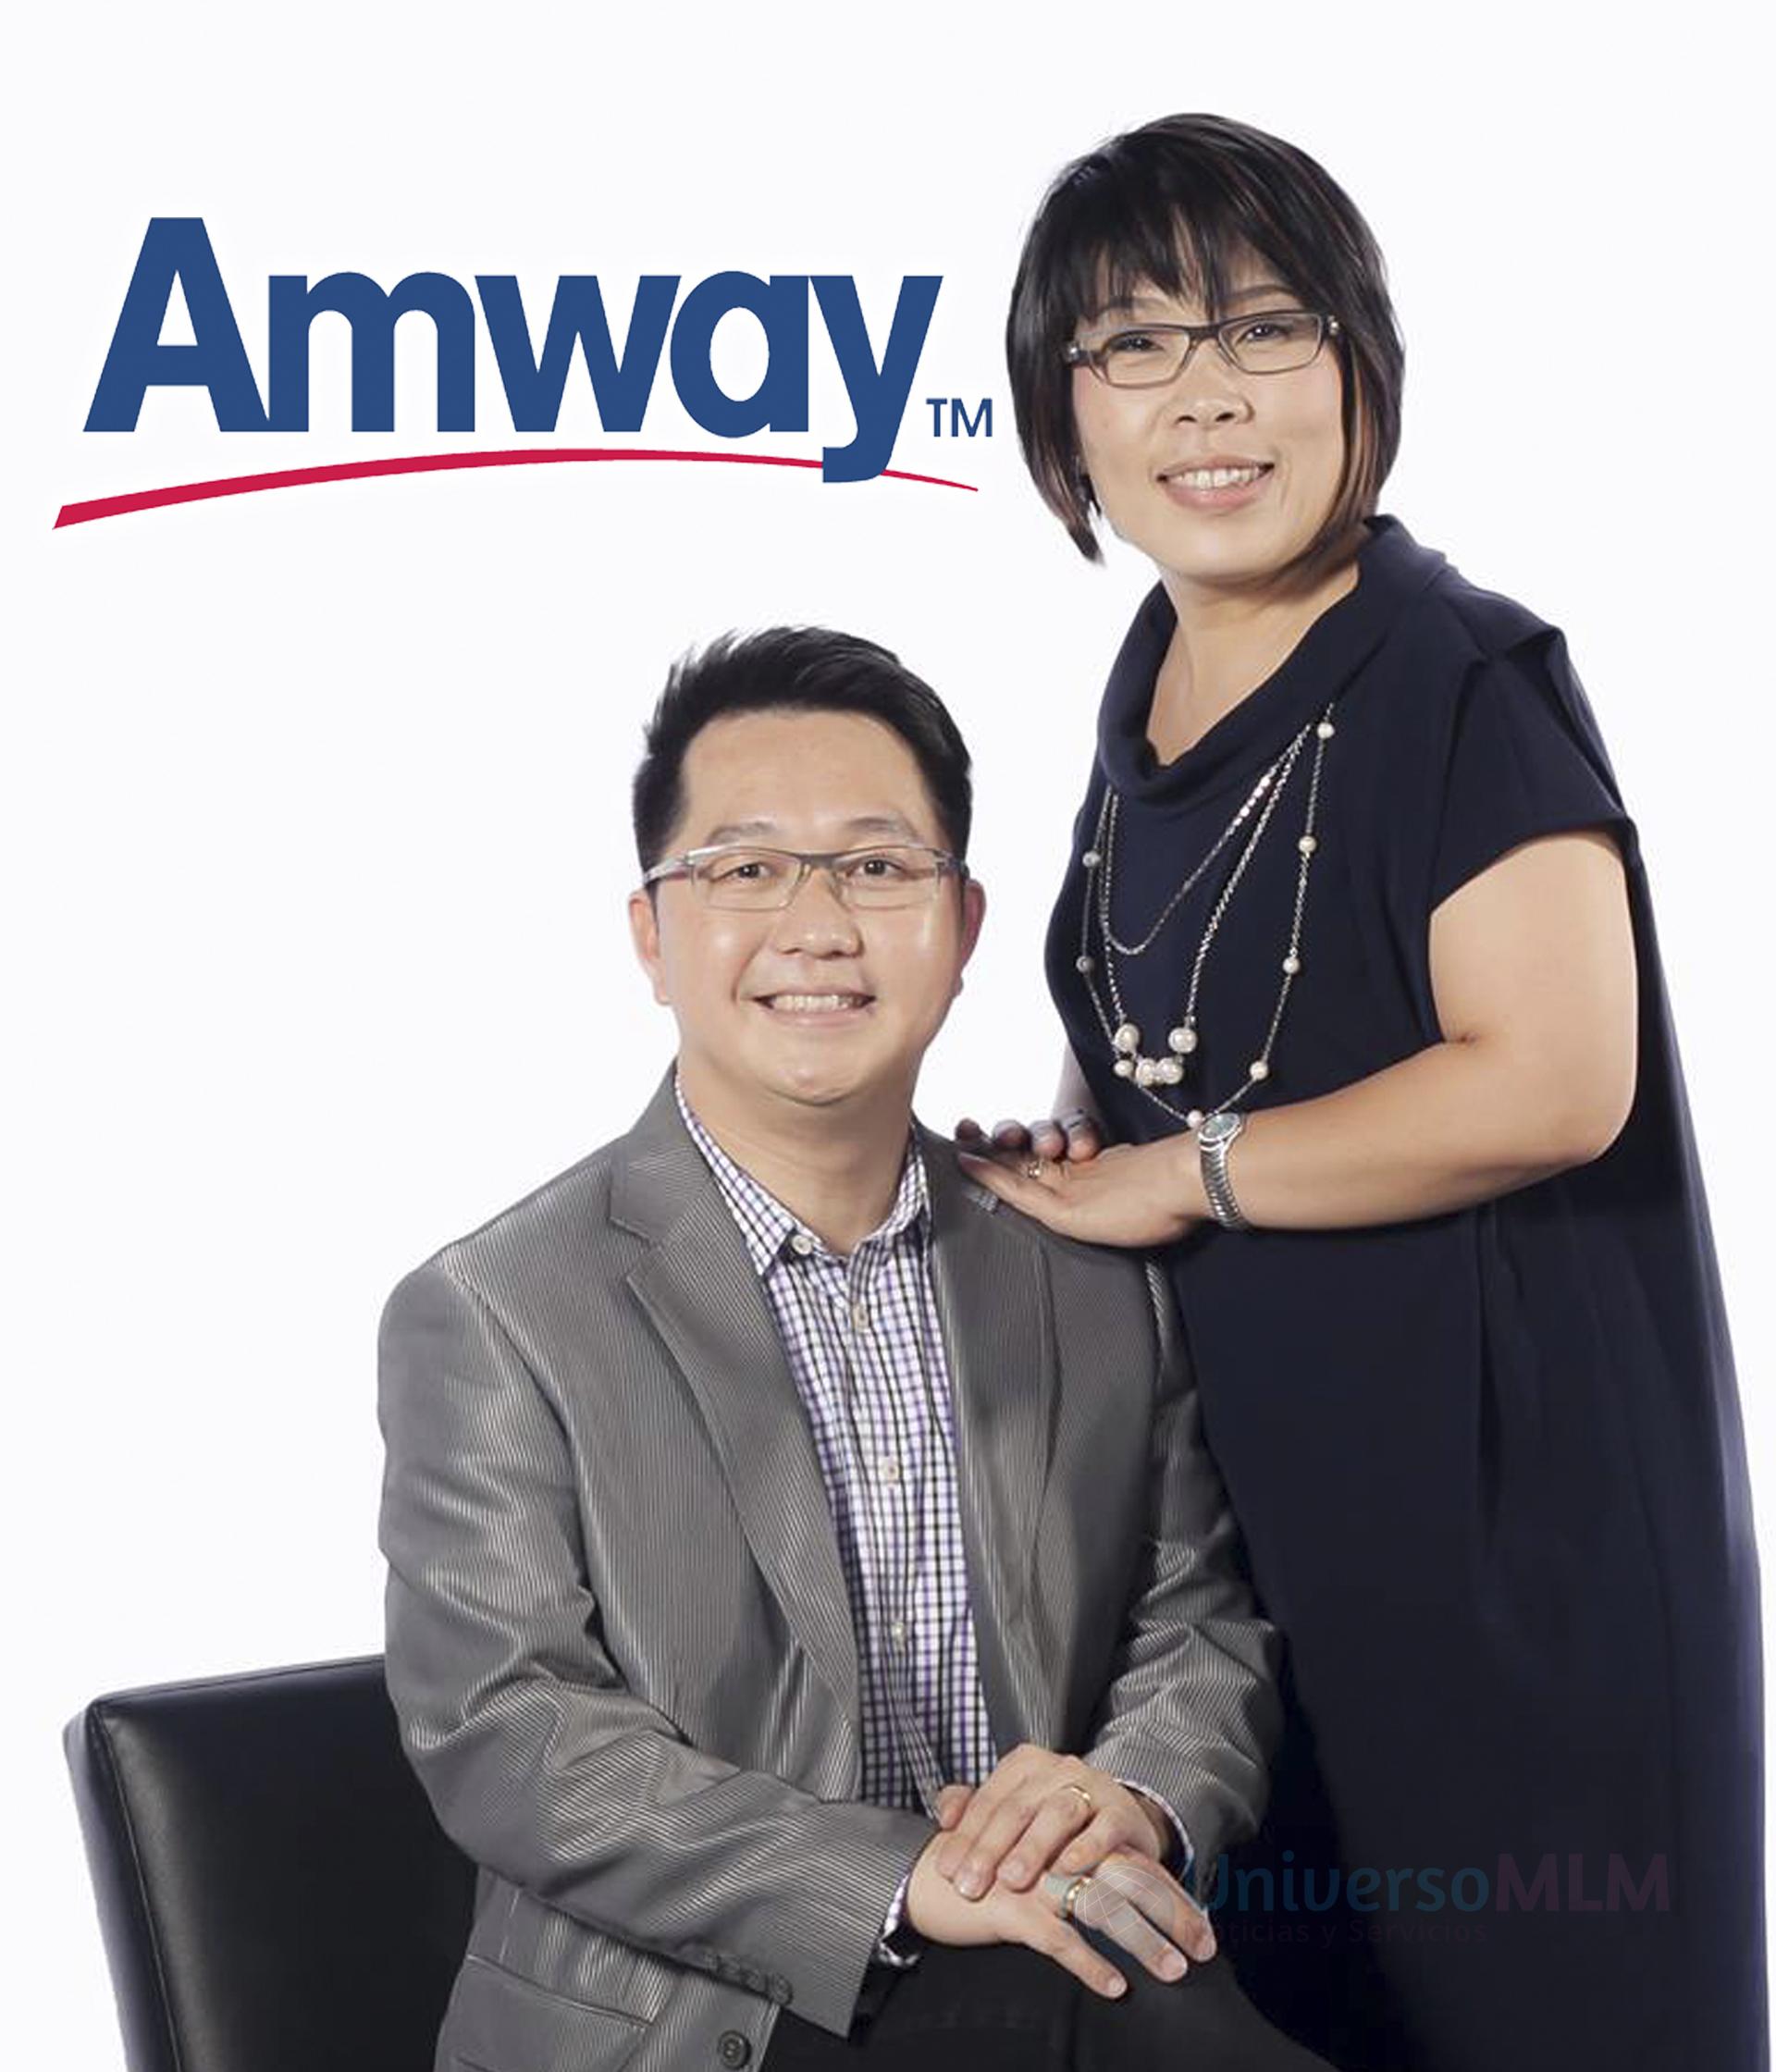 amway-news